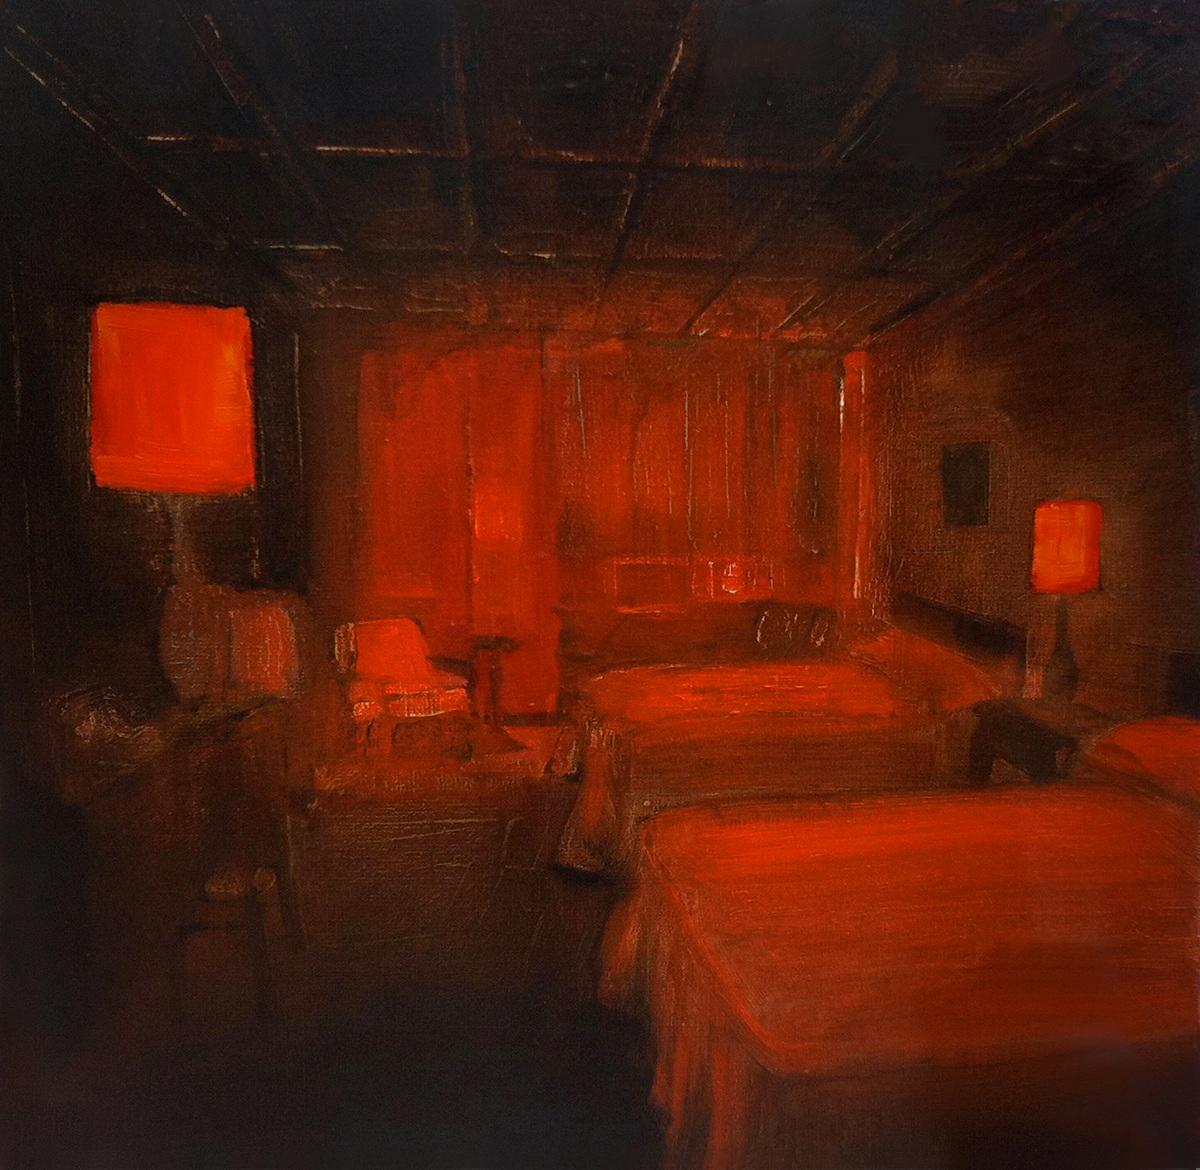 Jarik Jongman, Phenomena (23), Oil on canvas, 50 x 50 x 5,  http://www.jarikjongman.nl